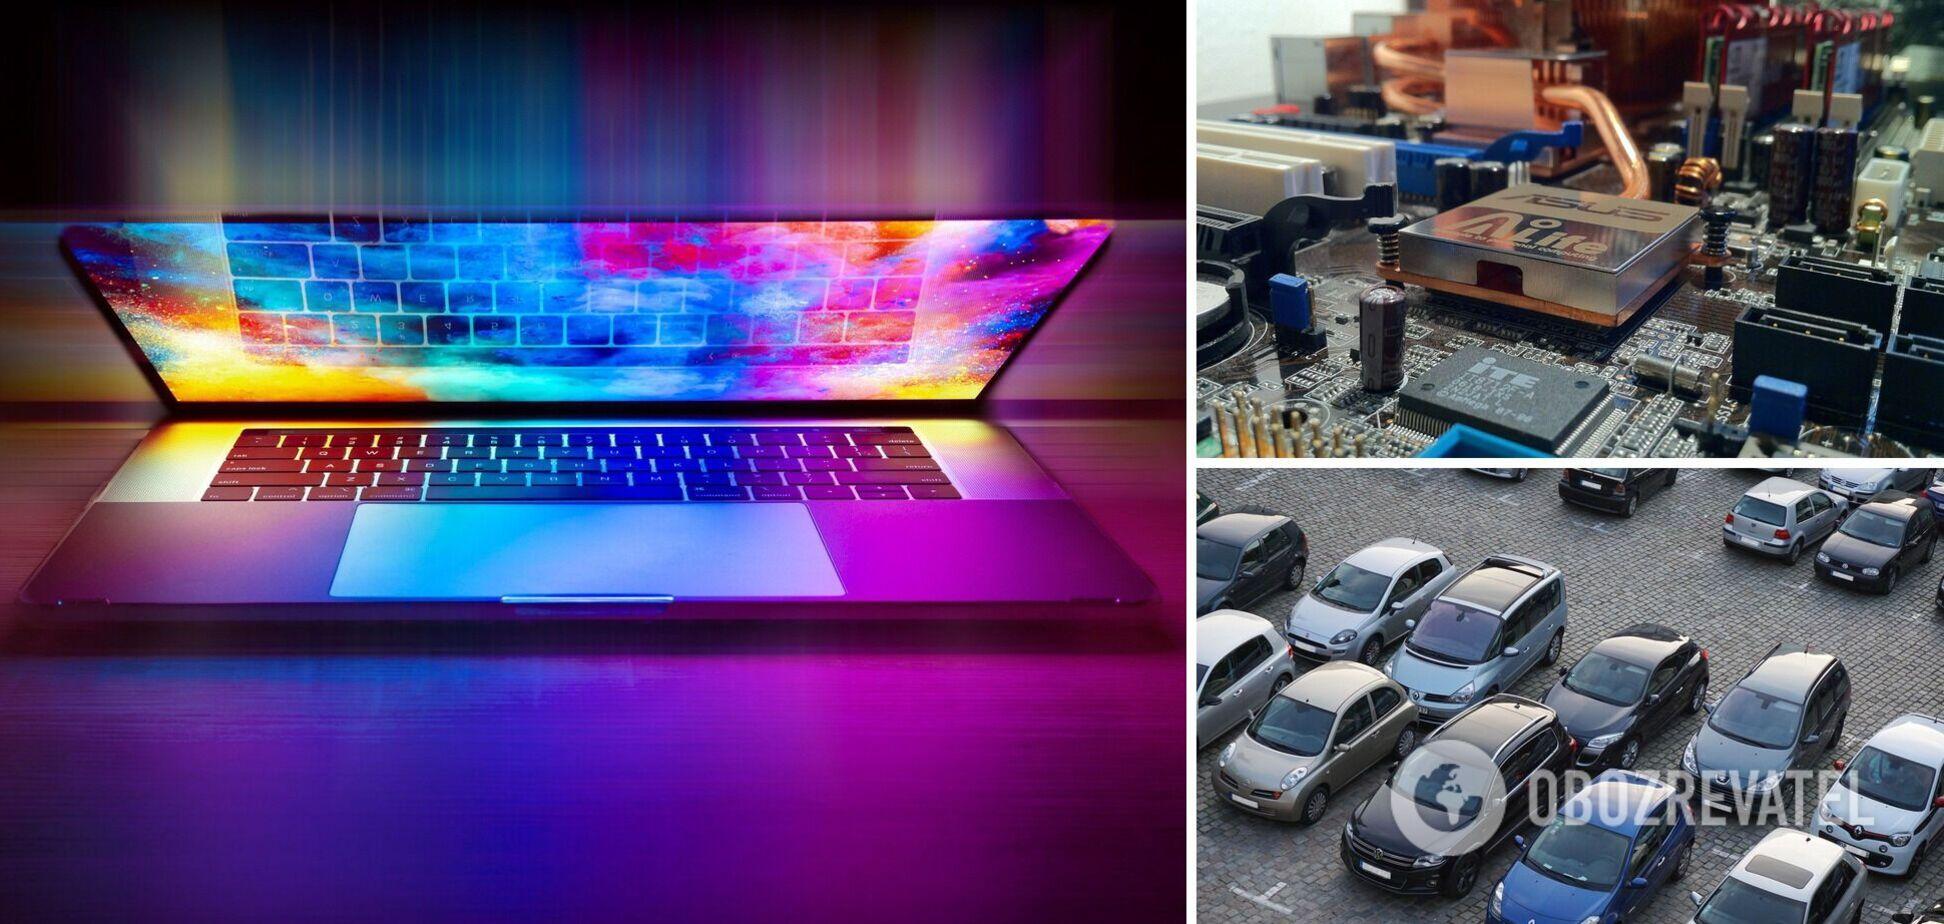 Криза мікрочипів у світі вплинула на вартість авто і ноутбуків